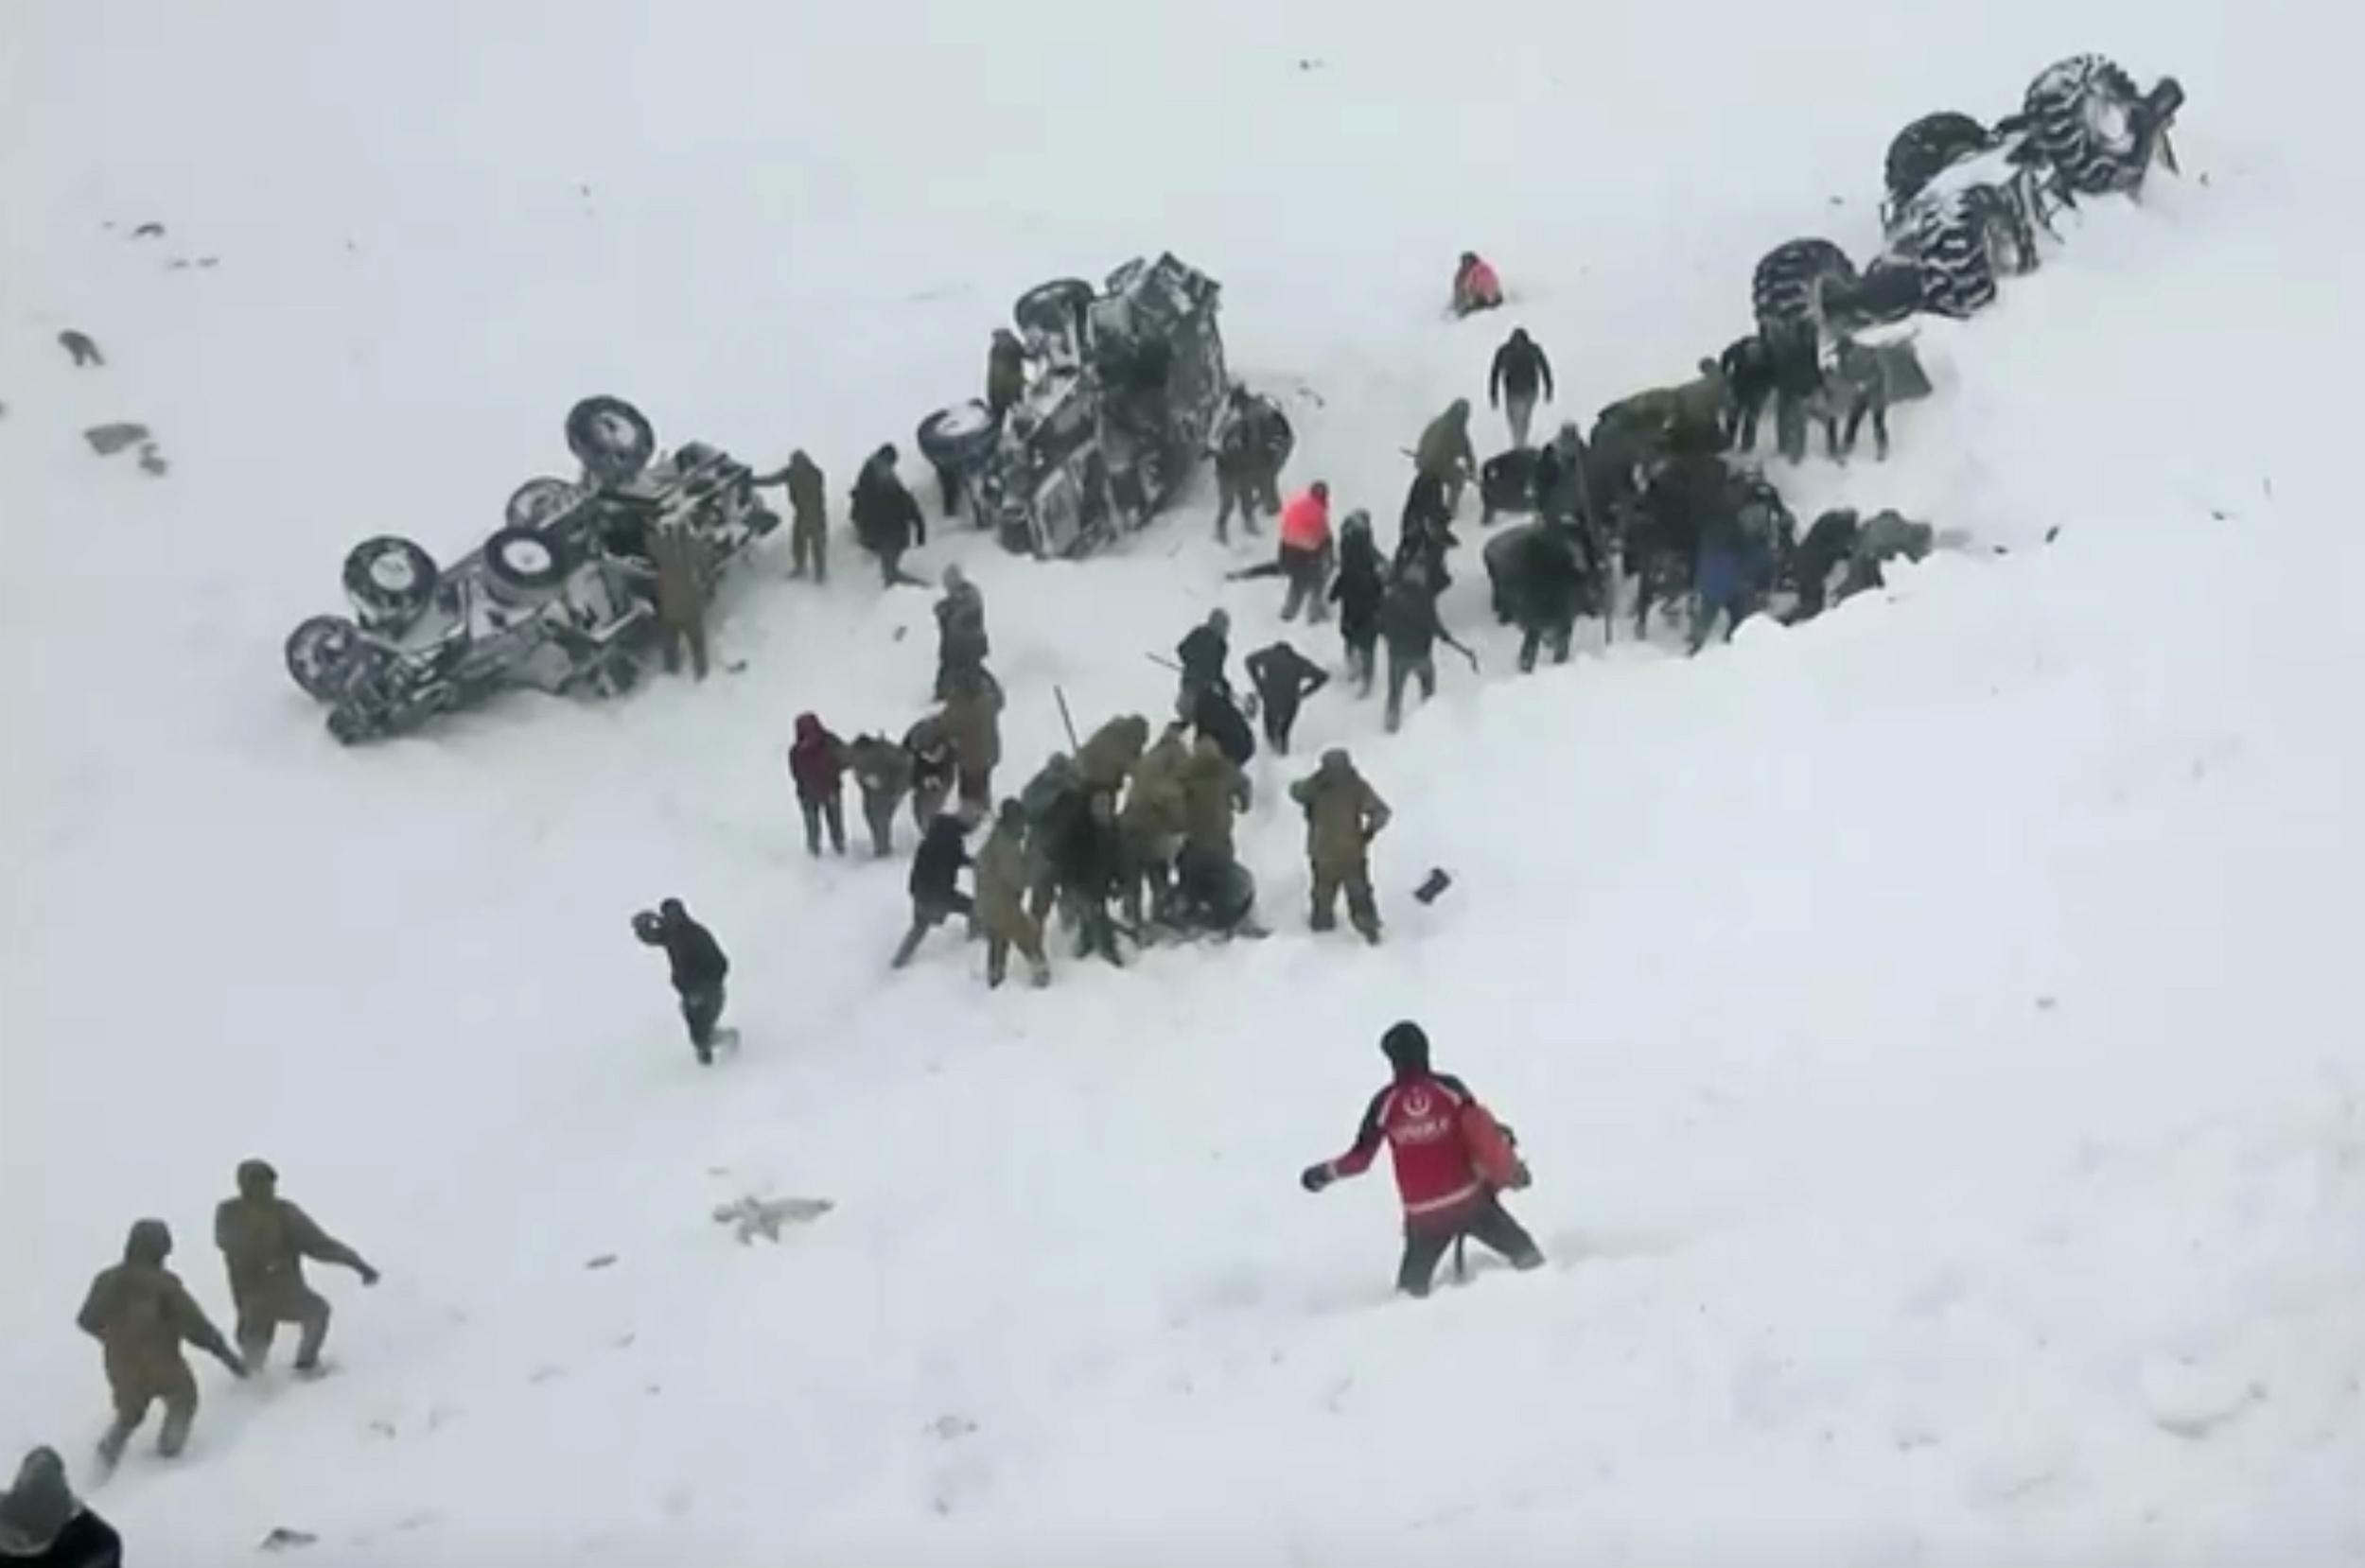 Εικόνες σοκ από την χιονοστιβάδα στην Τουρκία με τους 33 νεκρούς! Πάνω από 30 τραυματίες!